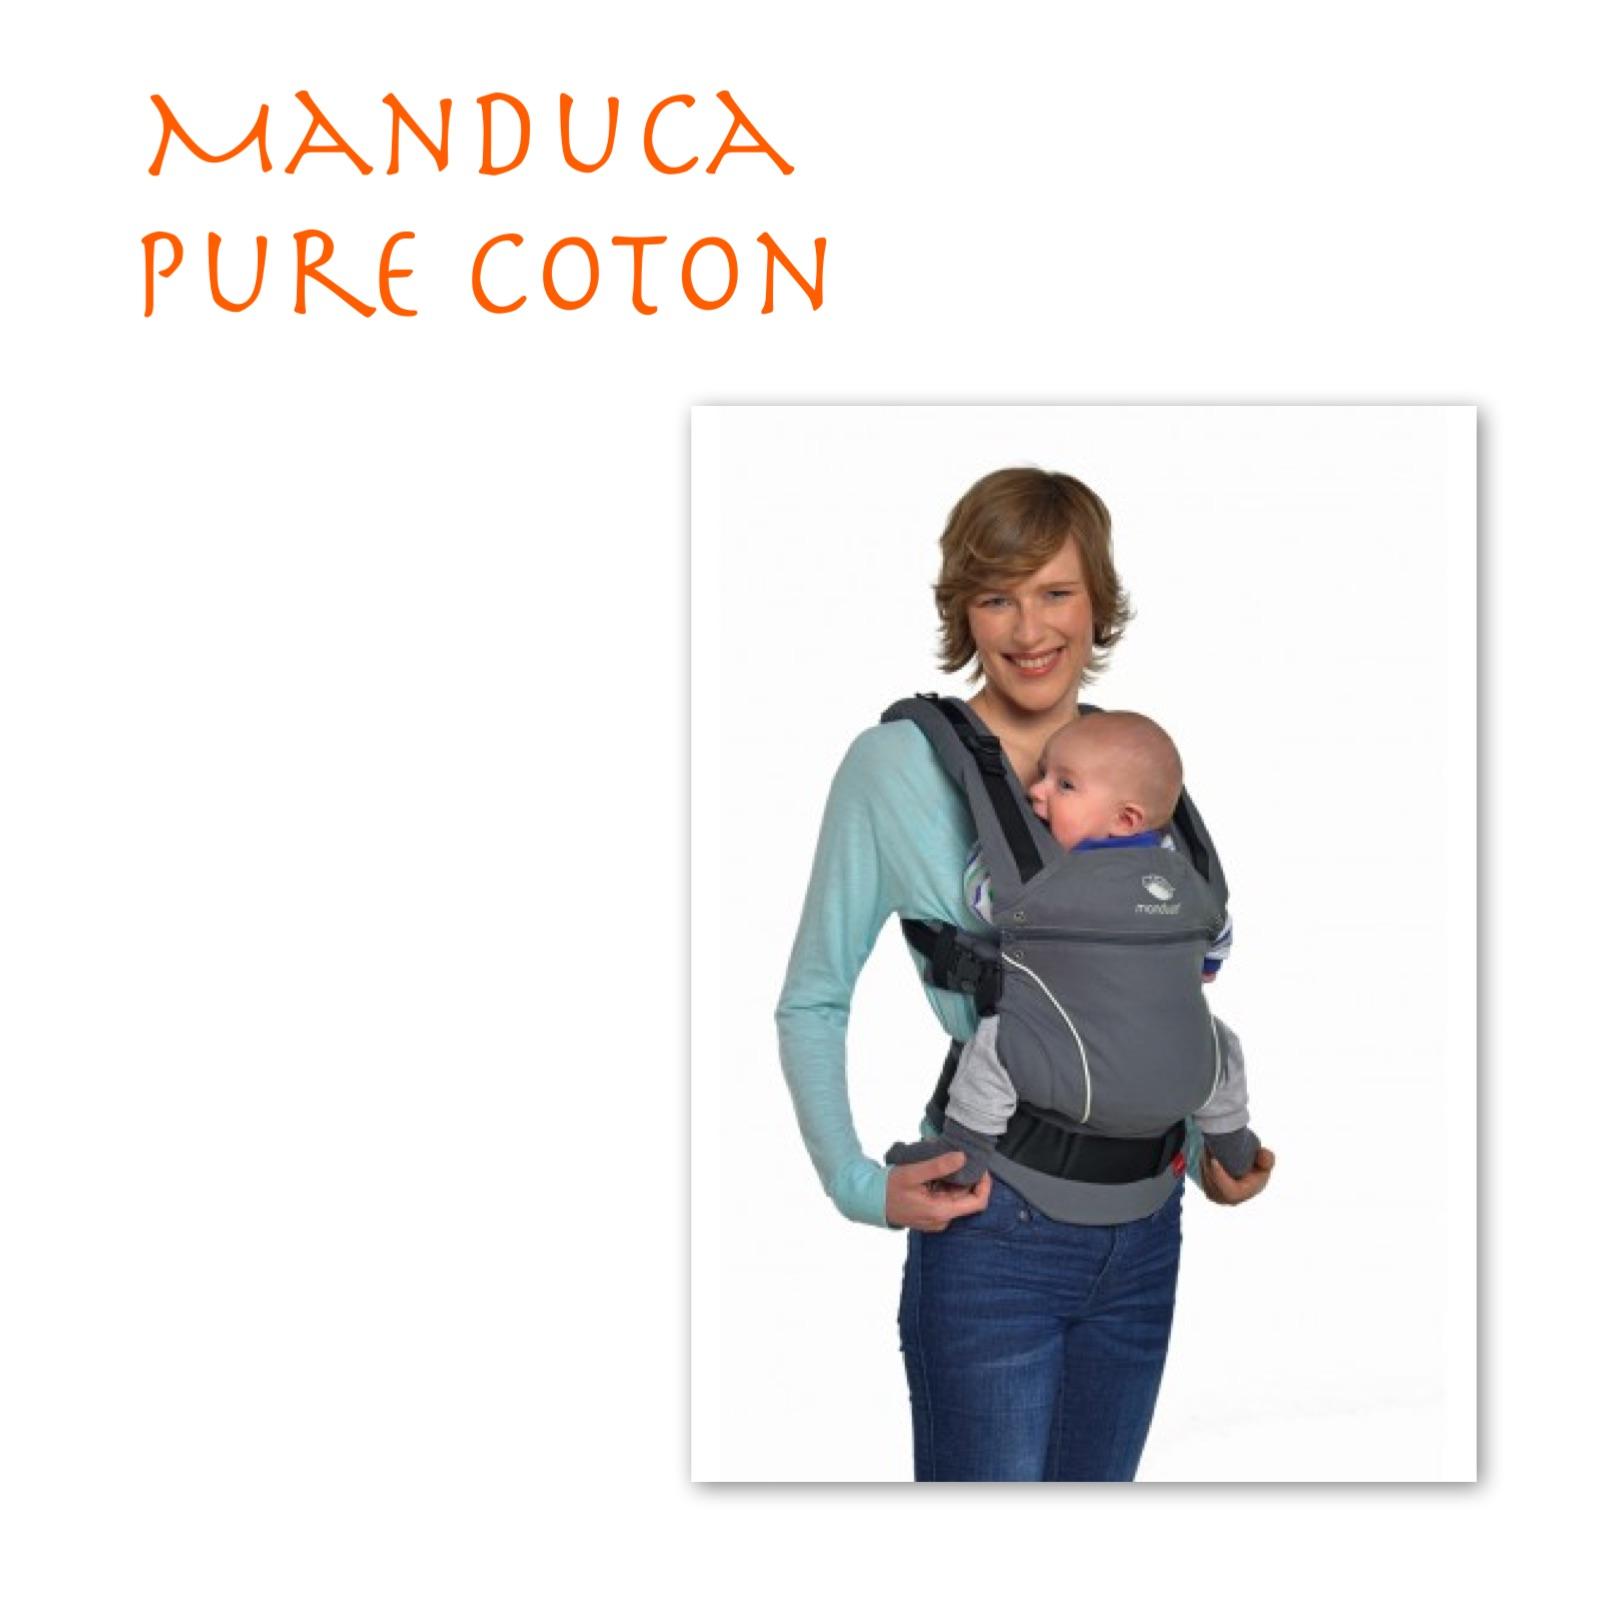 Manduca Pure Coton